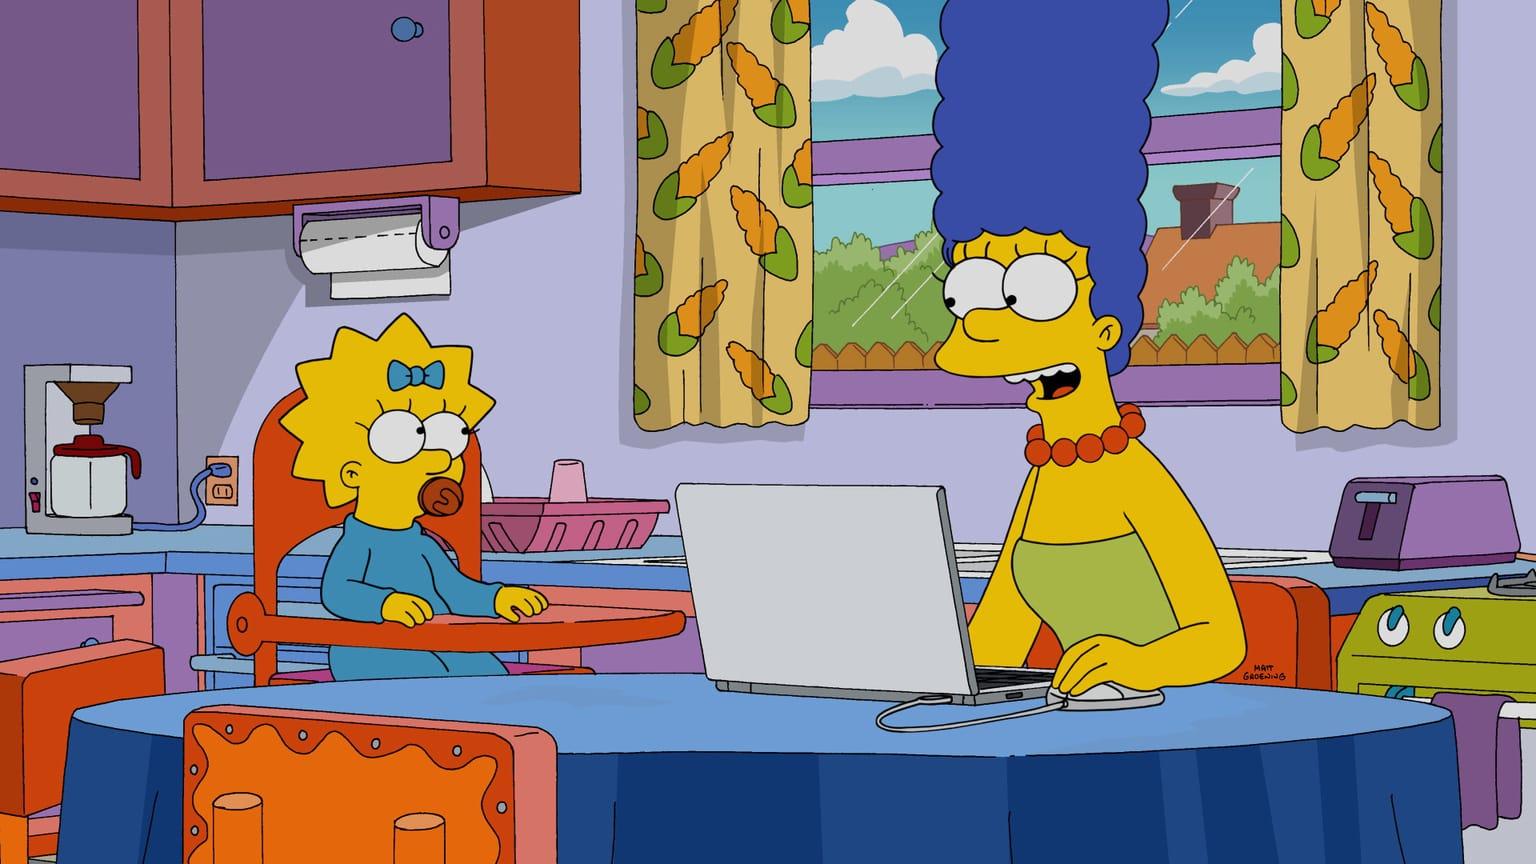 Les Simpson - Code fille